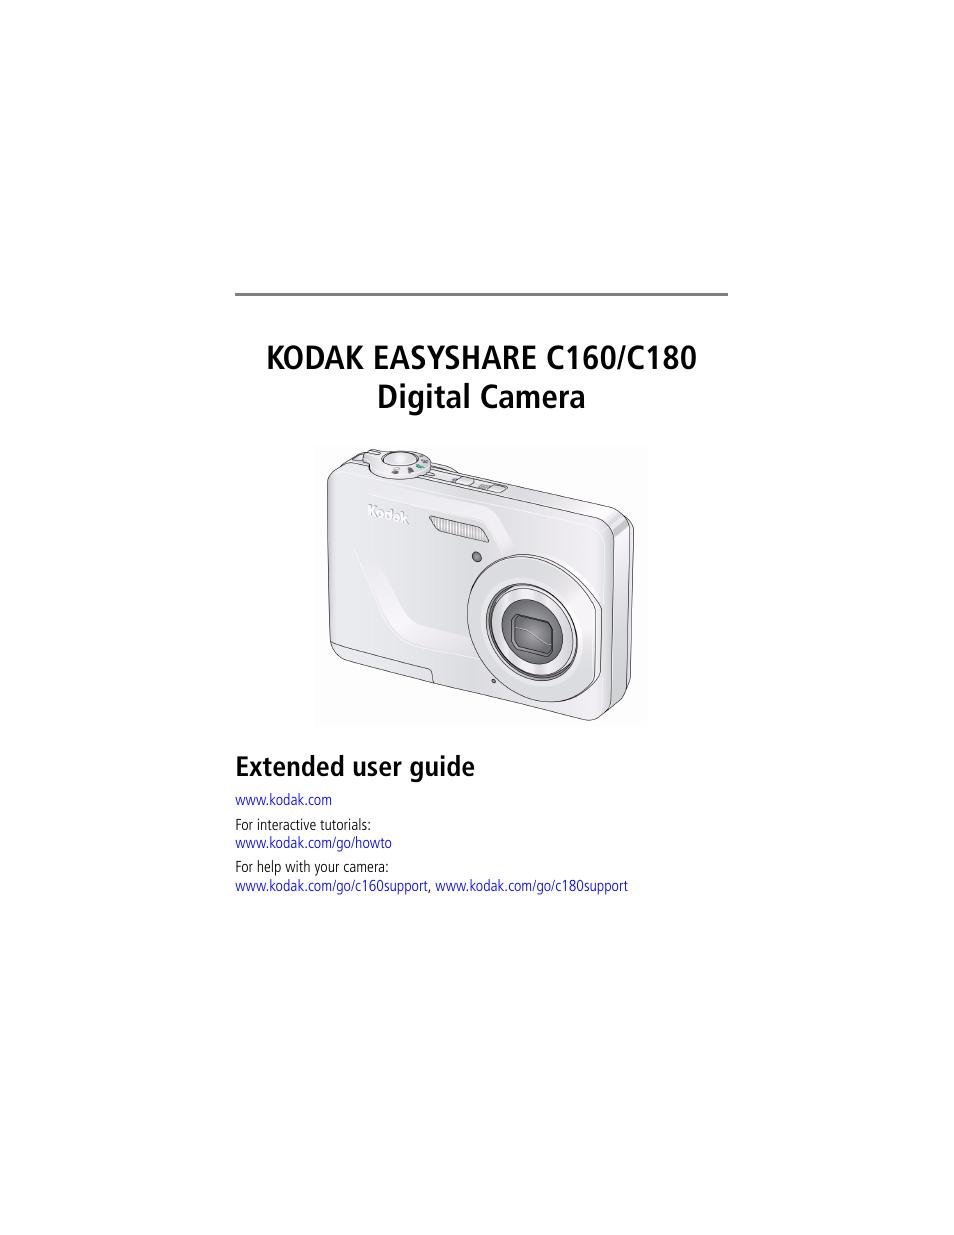 kodak easyshare c180 user manual 64 pages also for easyshare rh manualsdir com kodak easyshare c180 owners manual kodak c180 camera manual